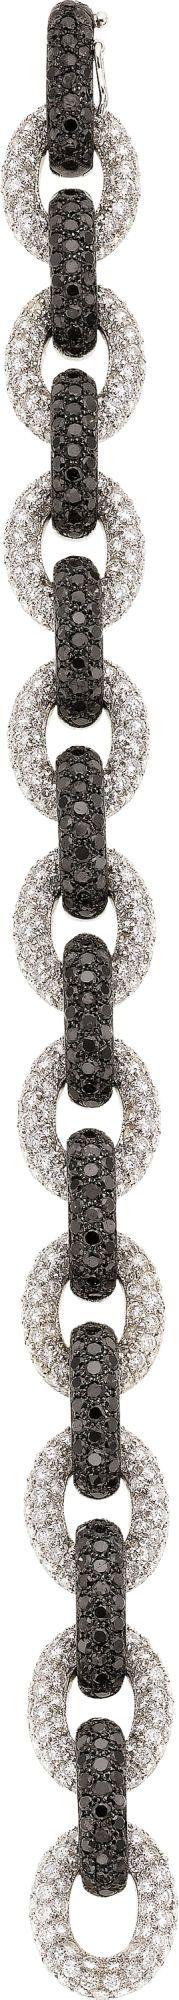 Black and White Diamond, White Gold Bracelet, Eli Frei. ... Estate   Lot #58409   Heritage Auctions